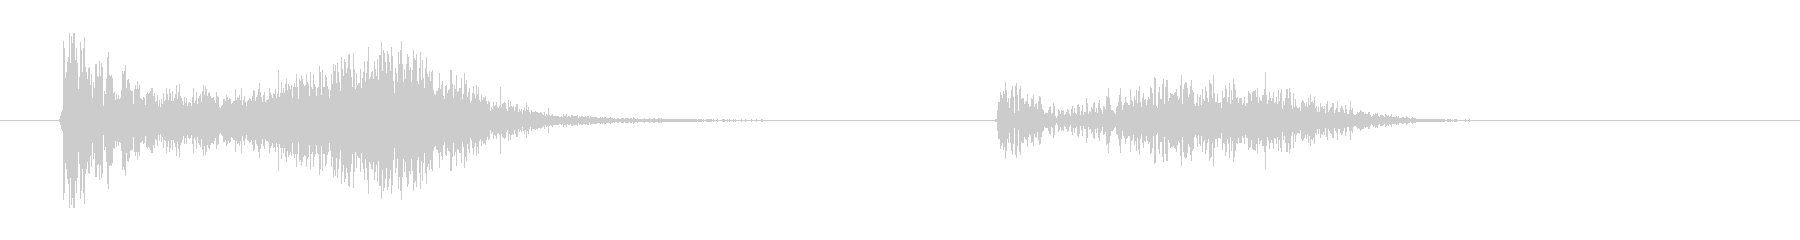 ミサイルが命中後小爆発、ドヒューンの未再生の波形